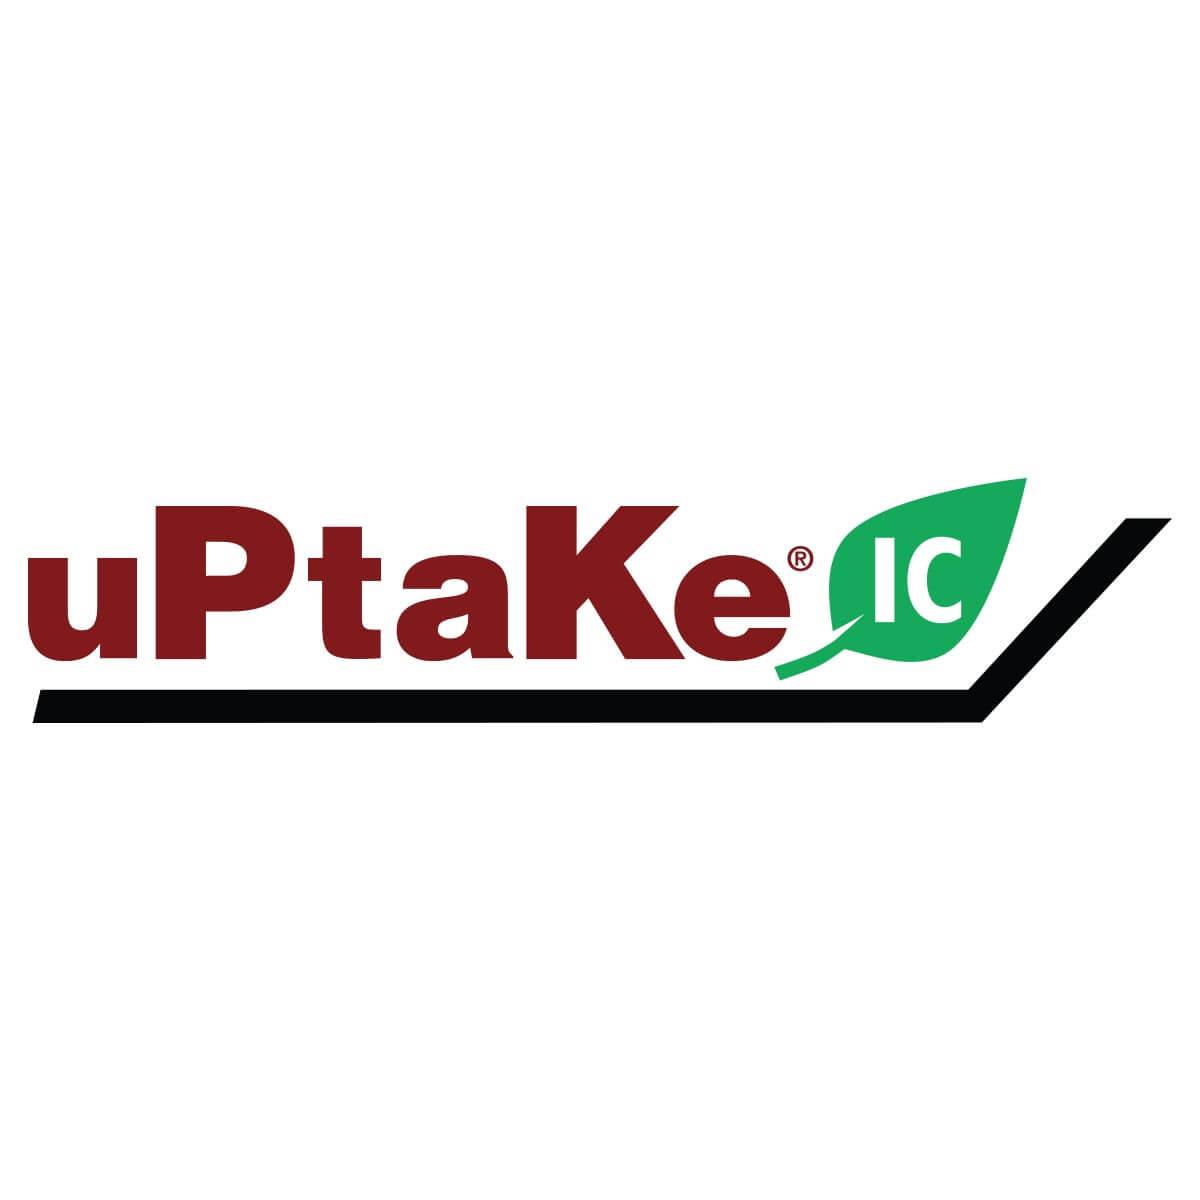 UPTAKE IC 5-25-5 10L